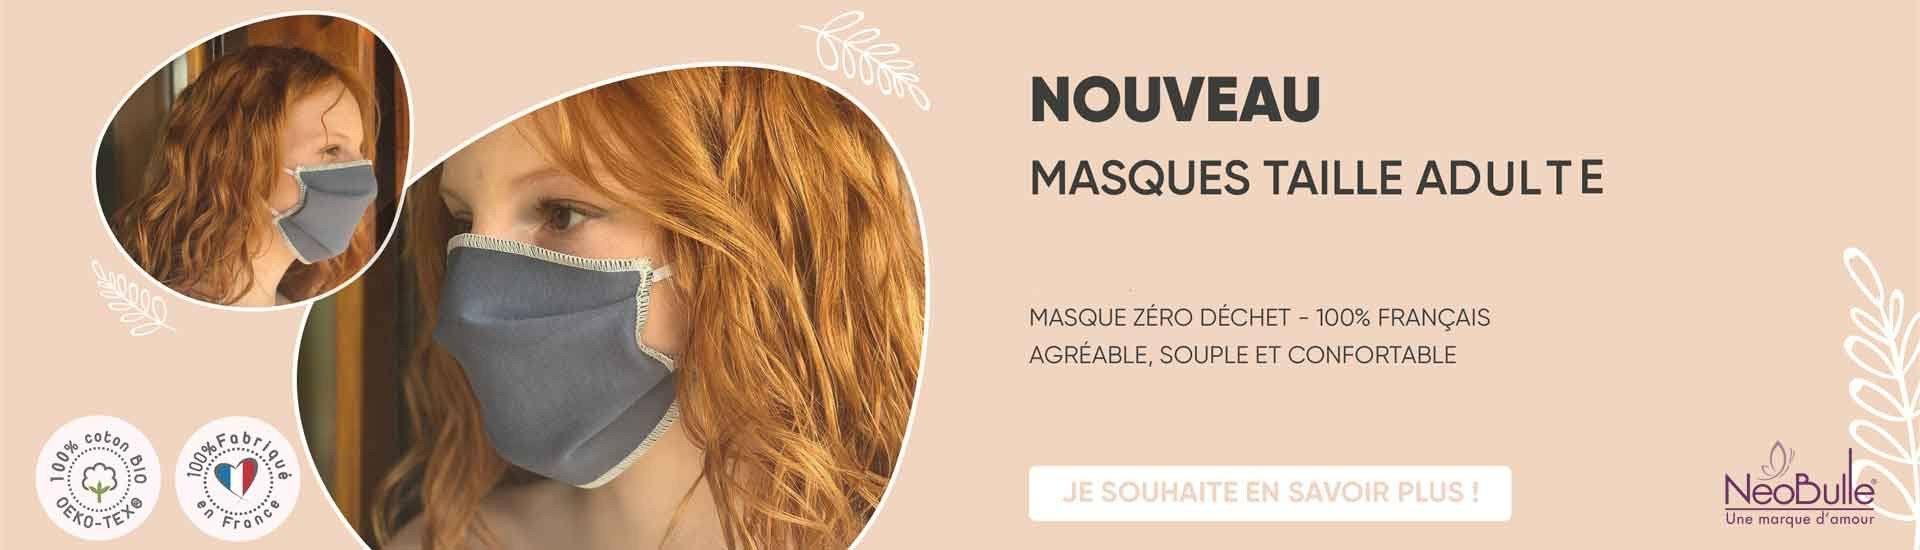 Masques en tissu lavable coton bio france Néobulle